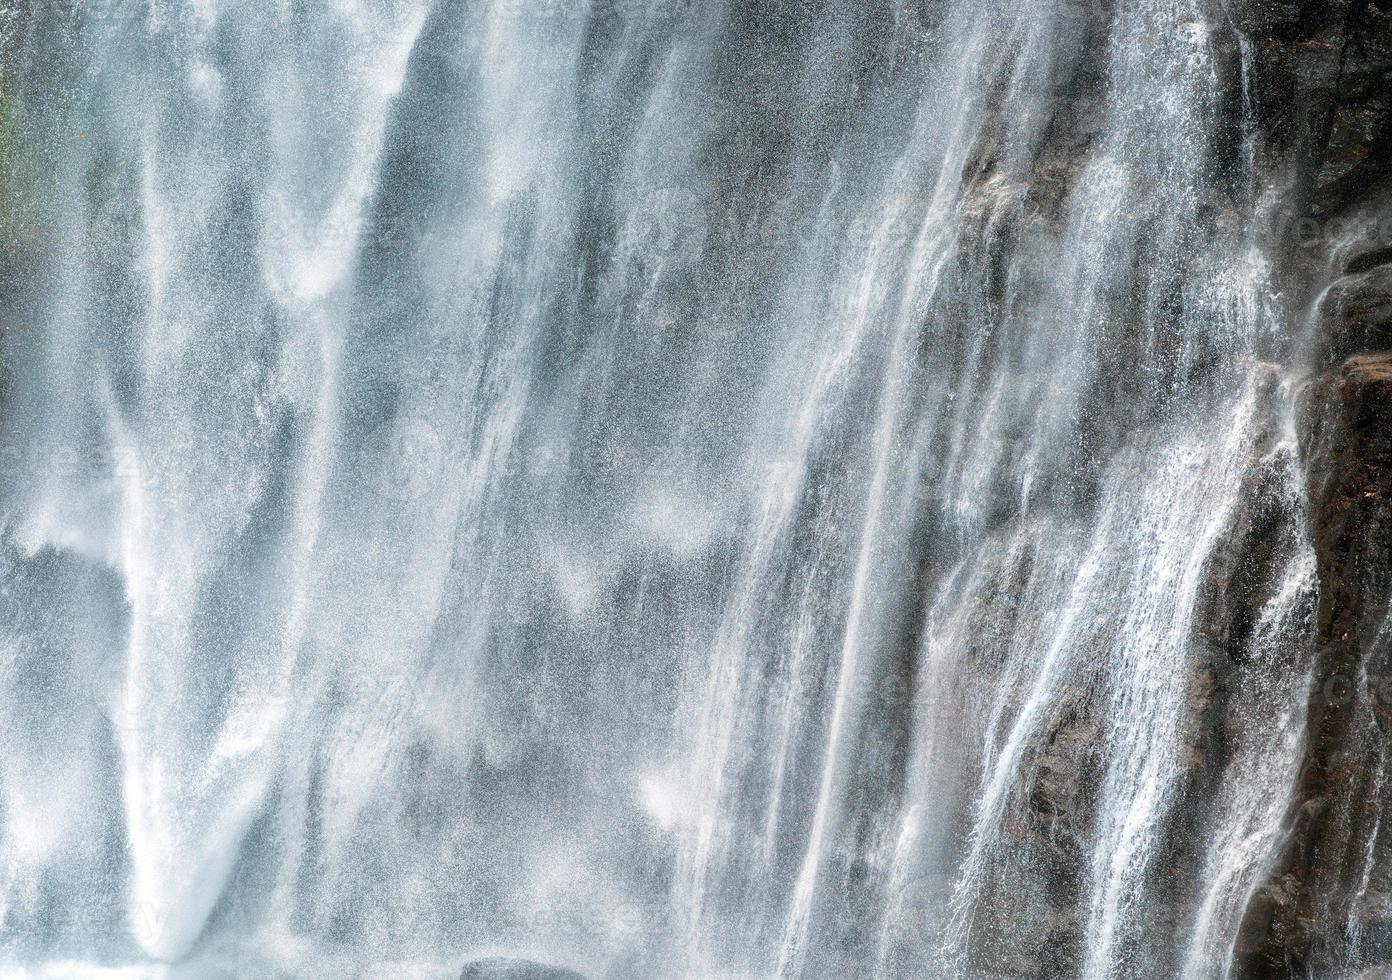 poderosa torrente de água caindo em um penhasco foto